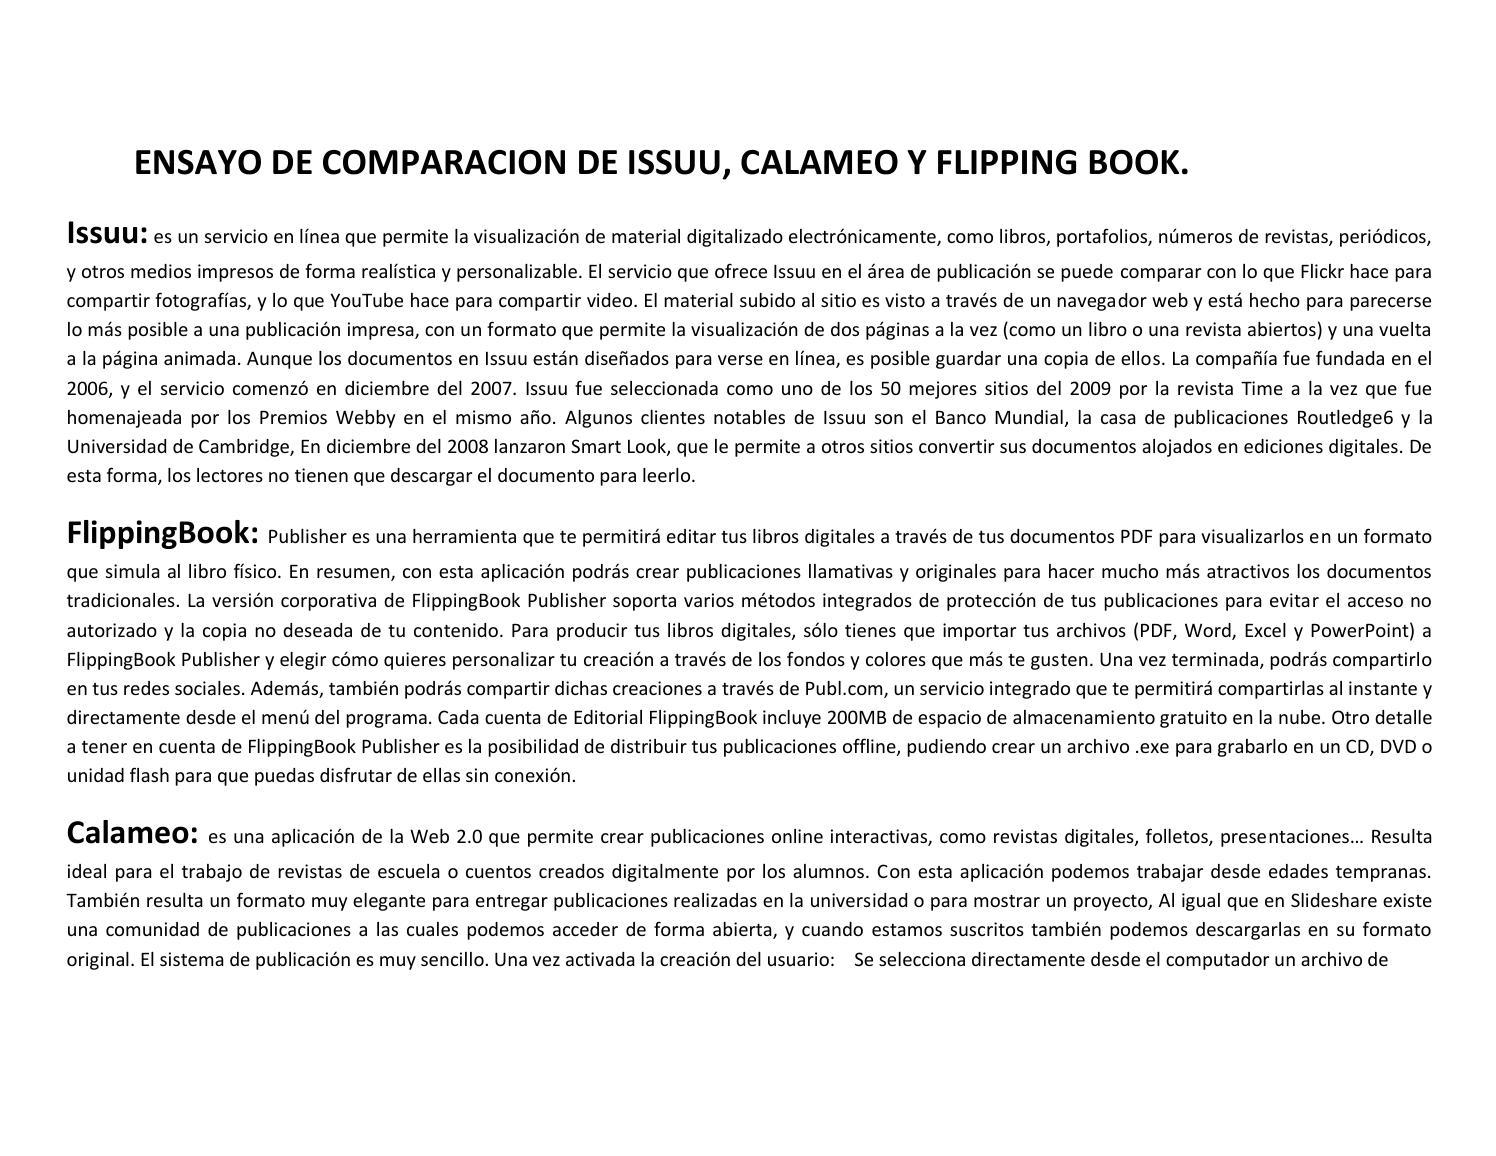 Ensayo de comparacion de issuu, calameo y flipping book por danilo ...